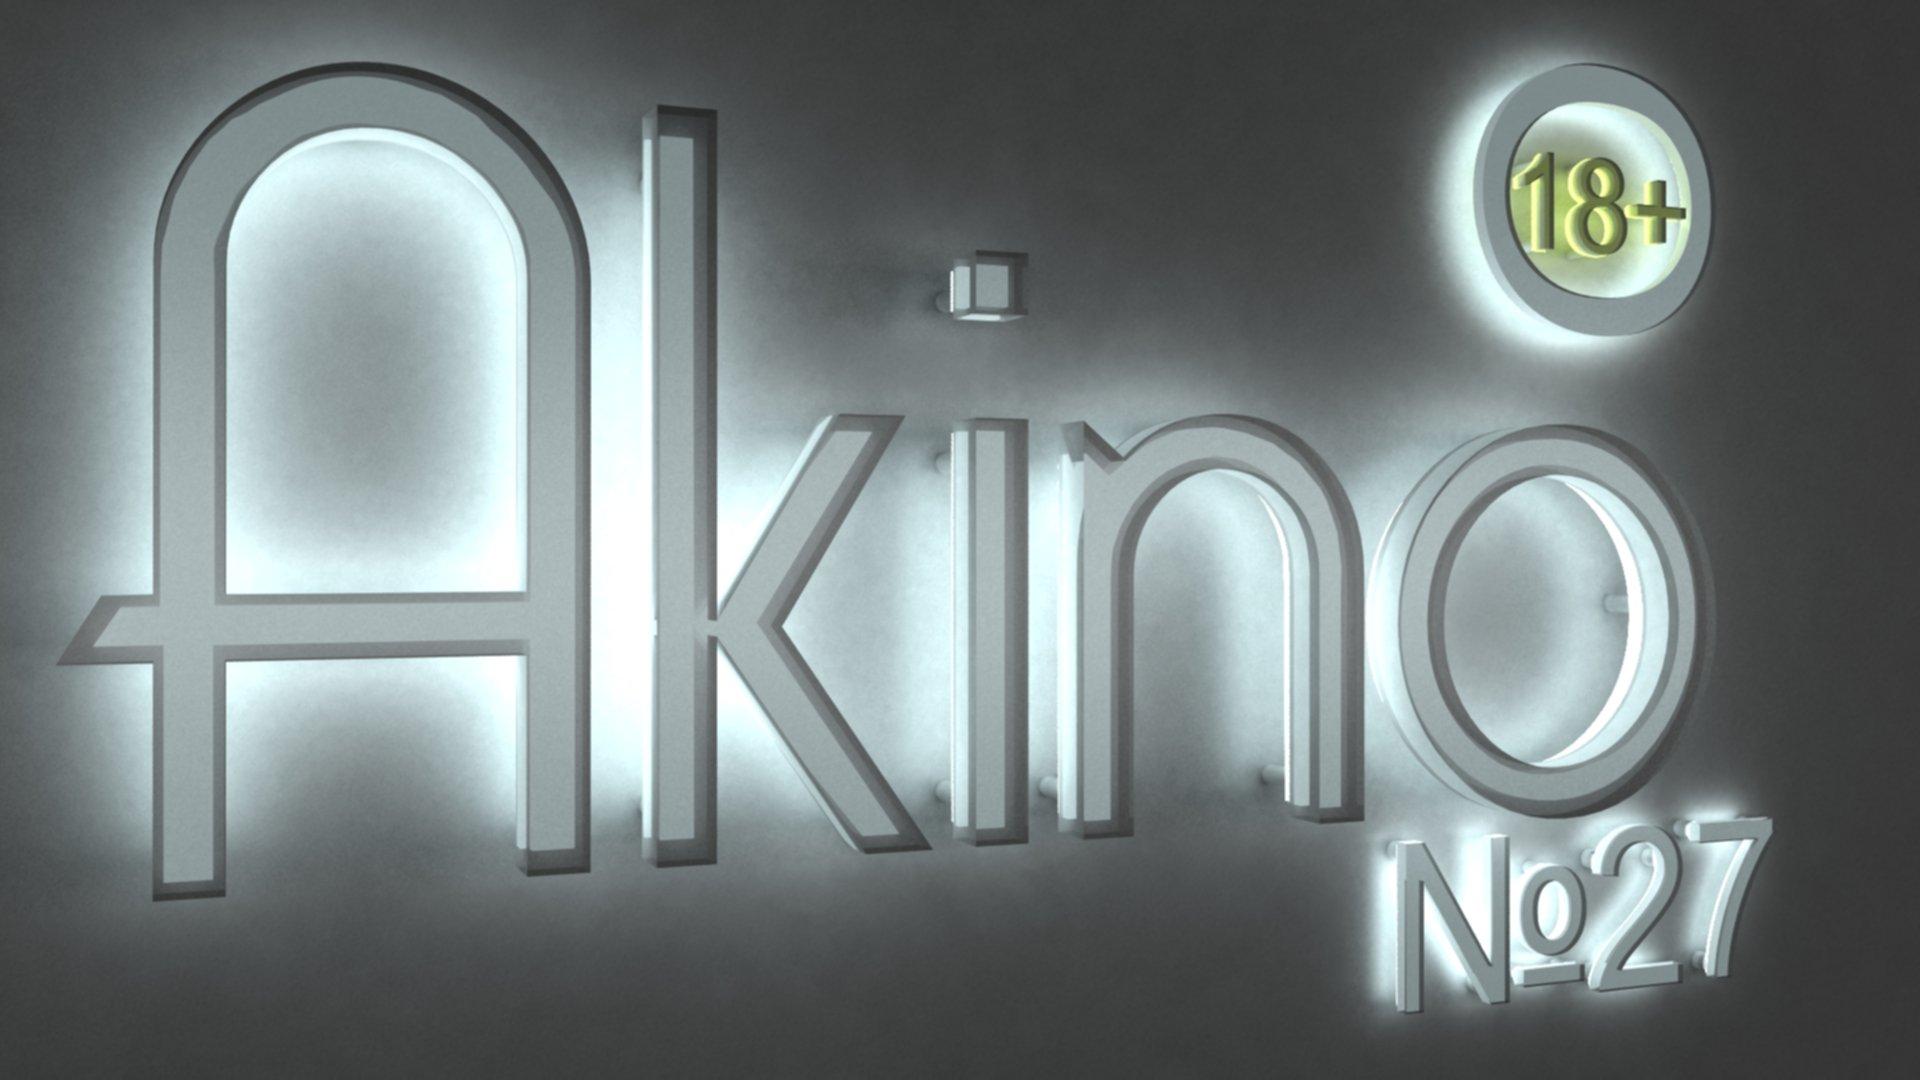 Подкаст AkiNO Выпуск № 27 (18+) - Изображение 1